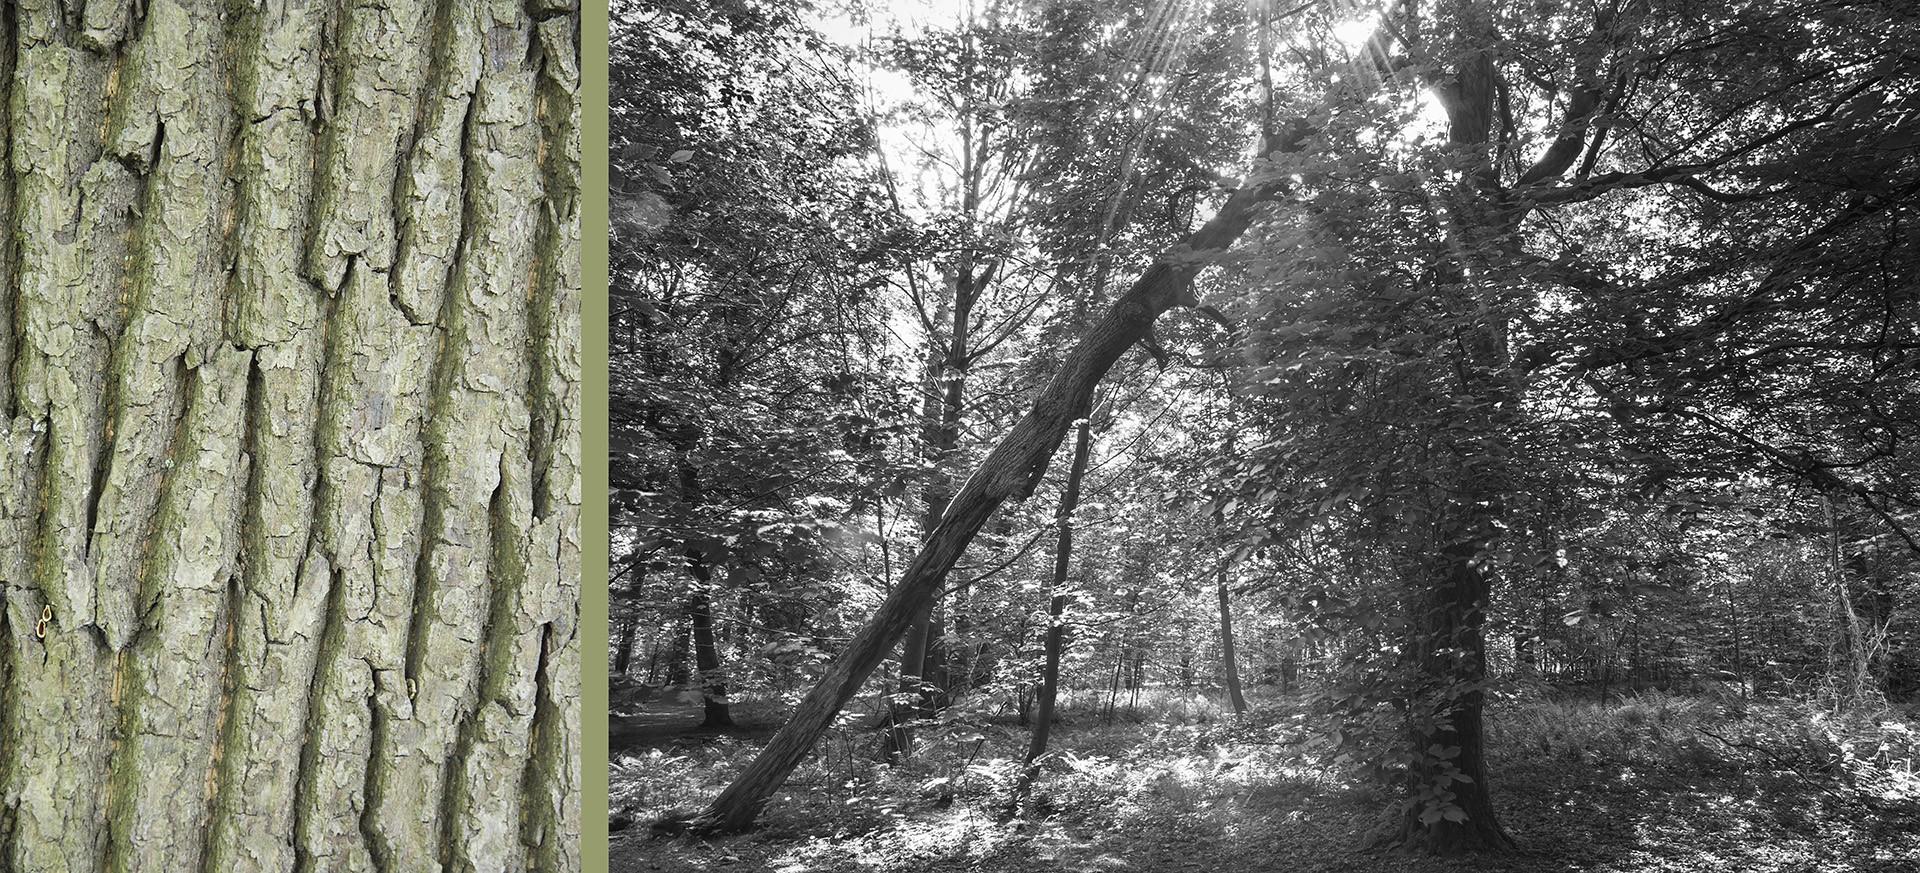 WaldRindenDoppel Eiche mit Buchen • Lambda-Print auf KODAK Pro Endura, Alu-Dibond®, 110 x 50 cm, gerahmt als Art-Box • Auflage: 5 + 2 Artist's Proof